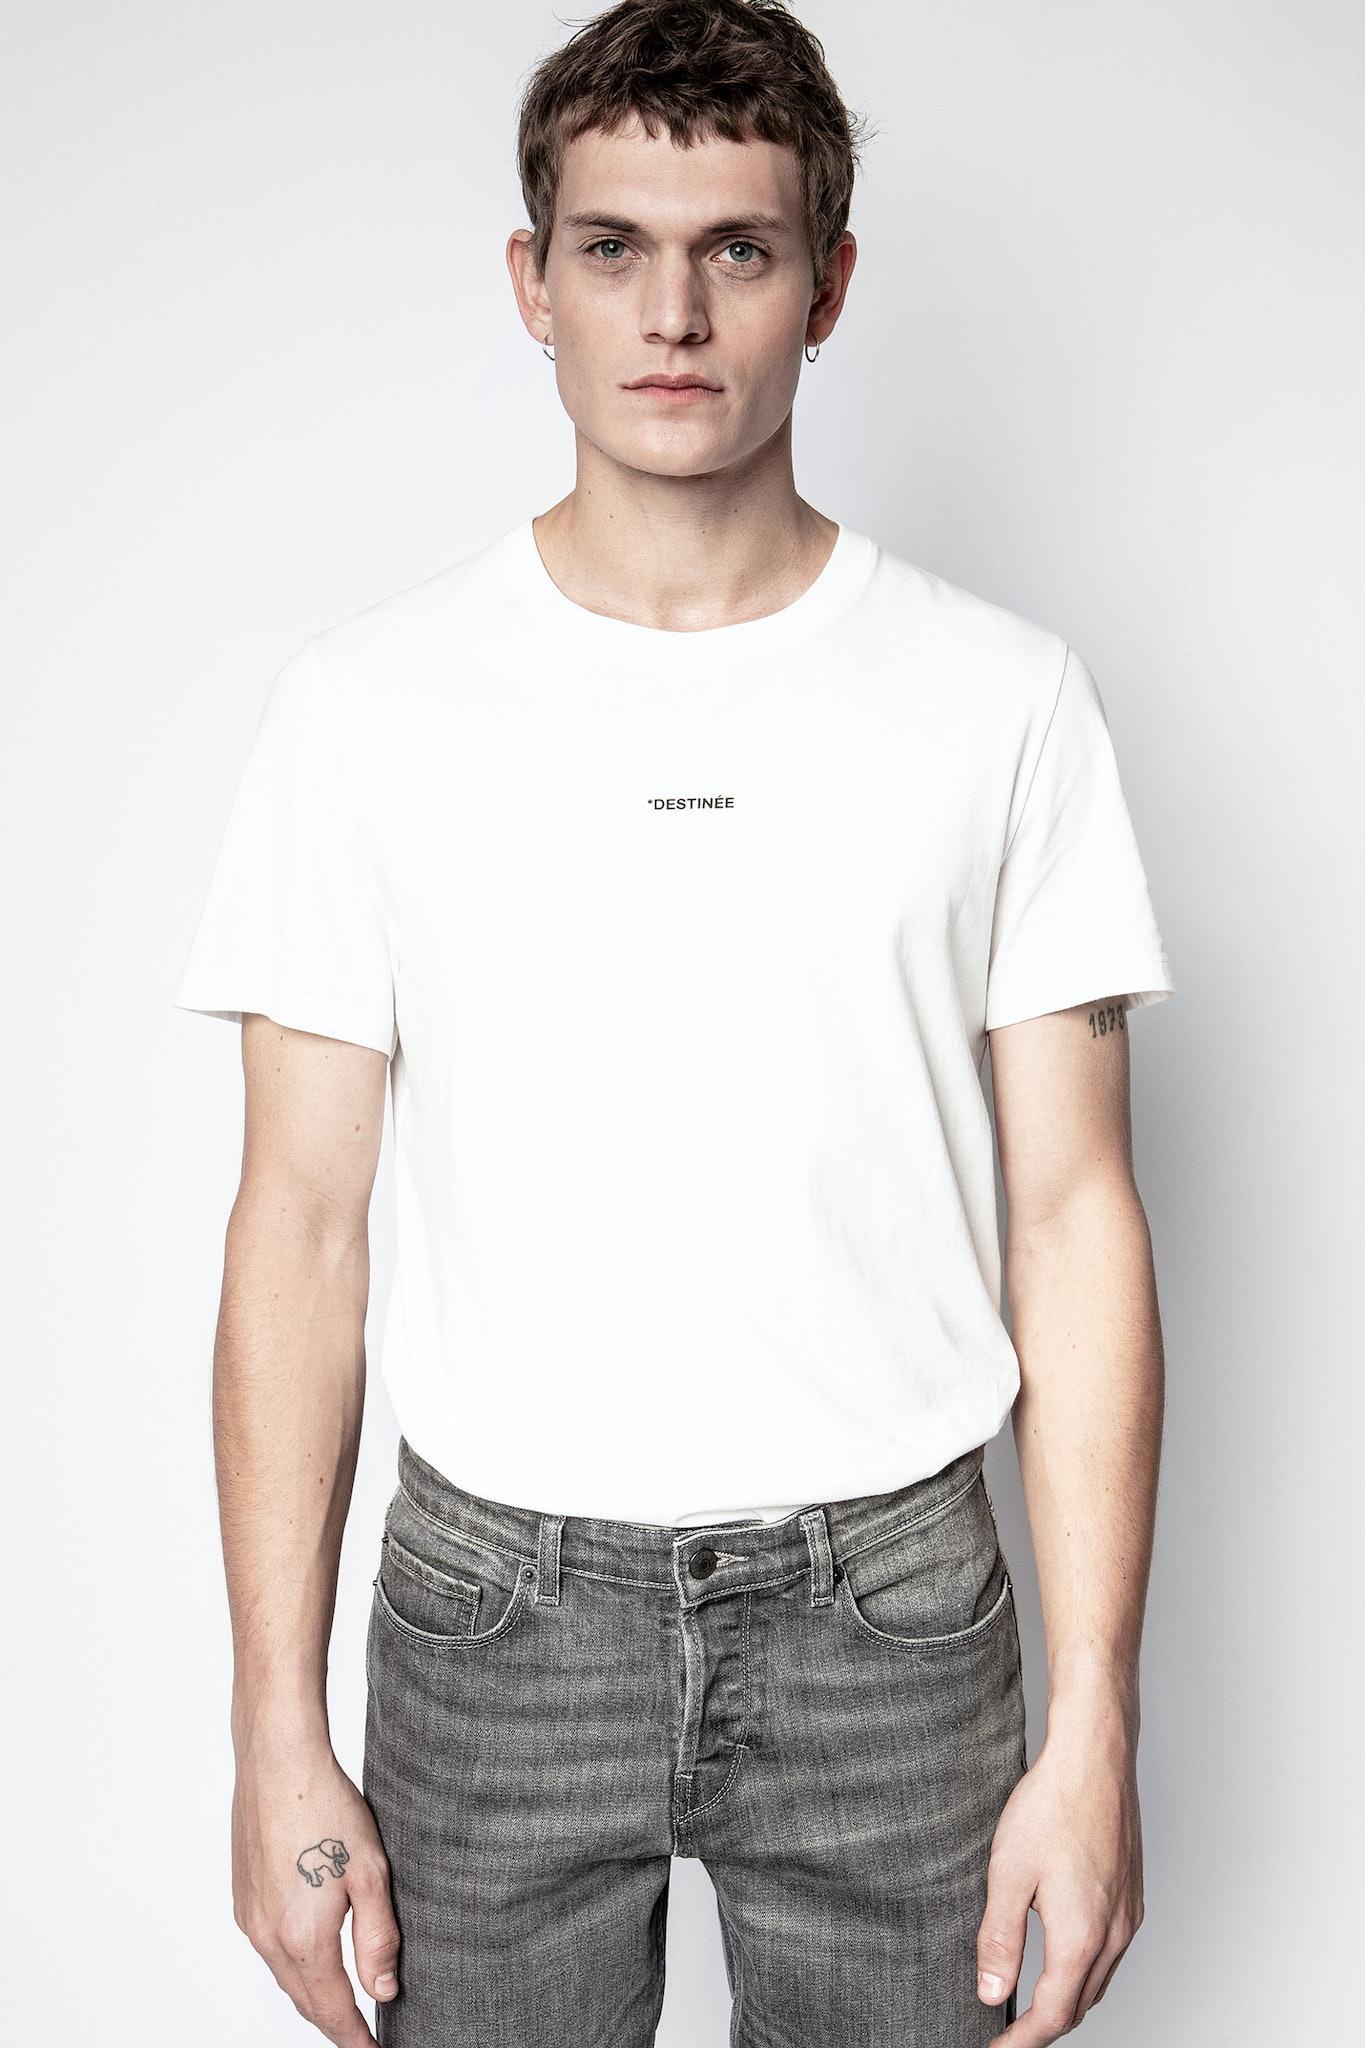 Ted Photoprint Destinée T-shirt